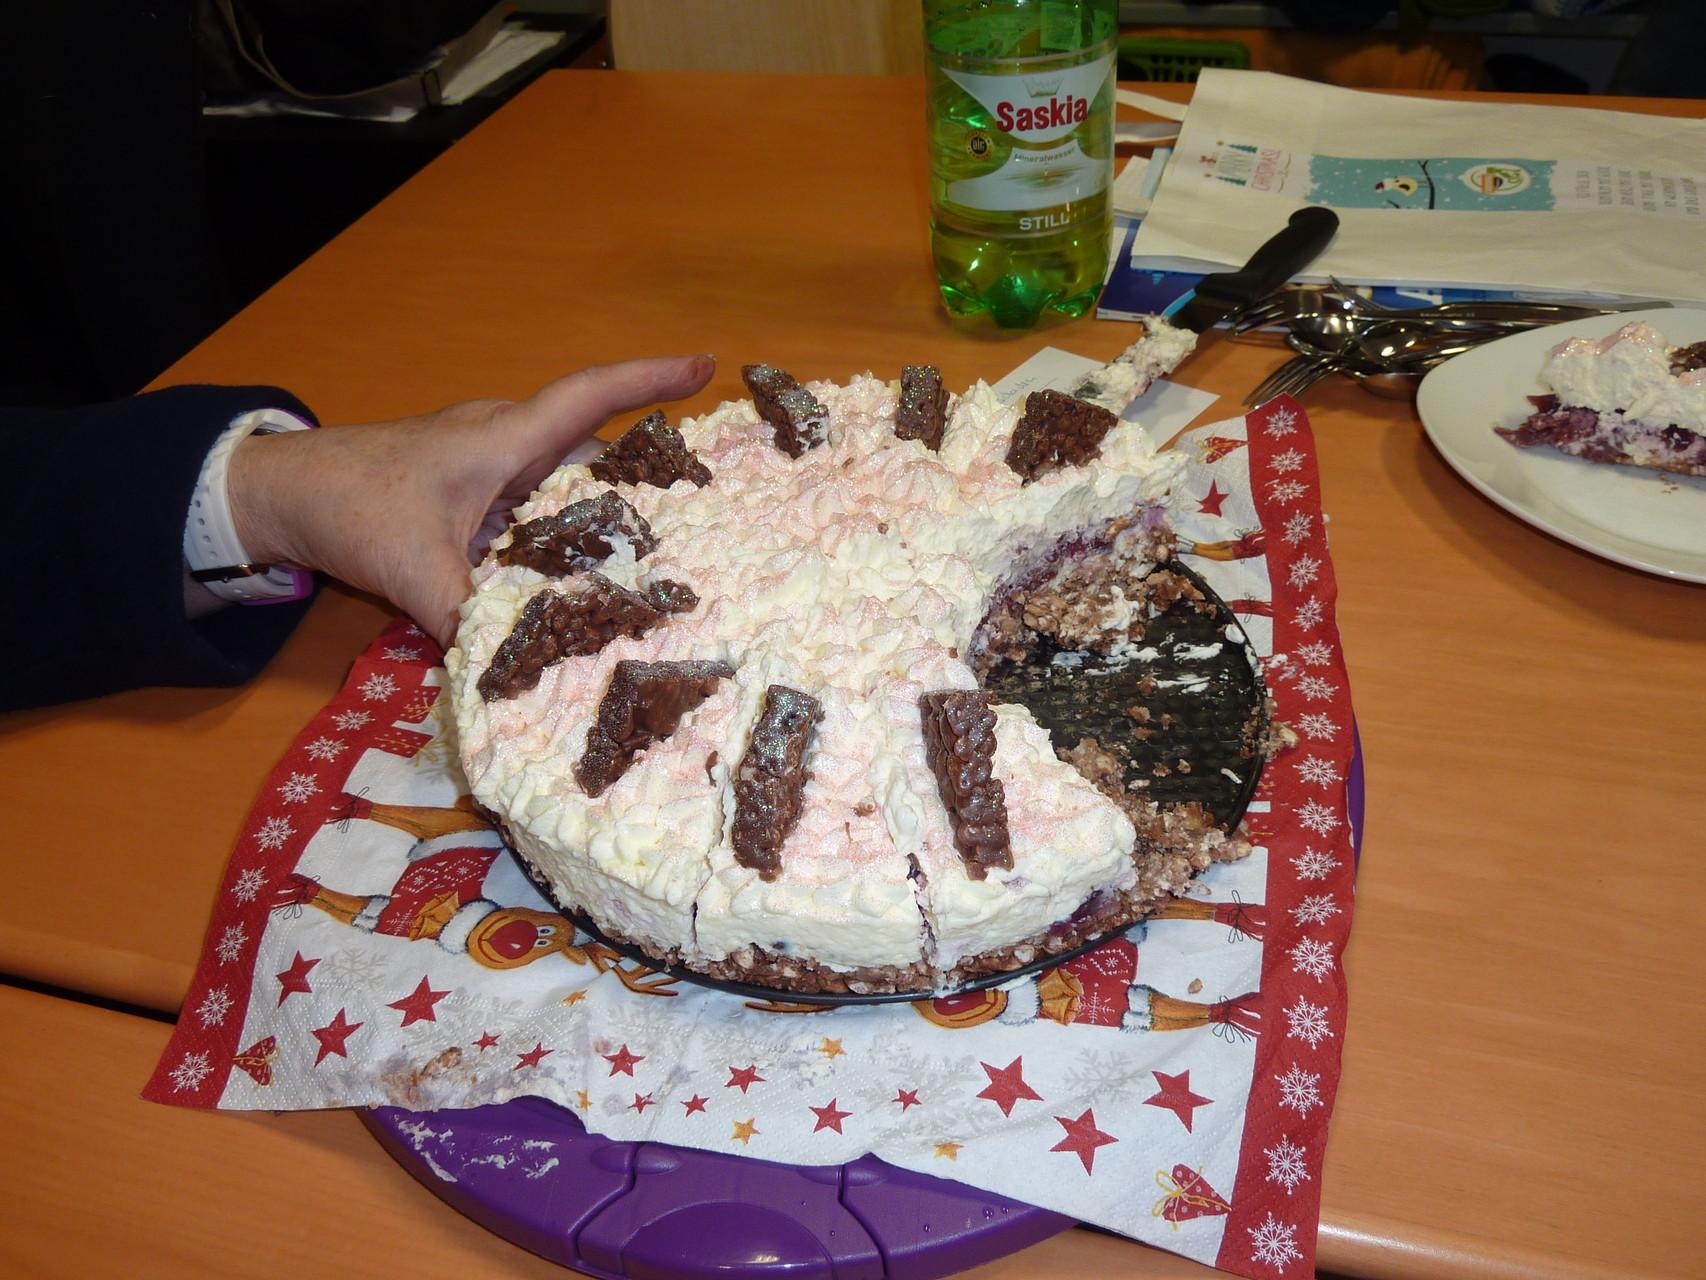 Hilde hat leckeren Glitzer-Kuchen mitgebracht